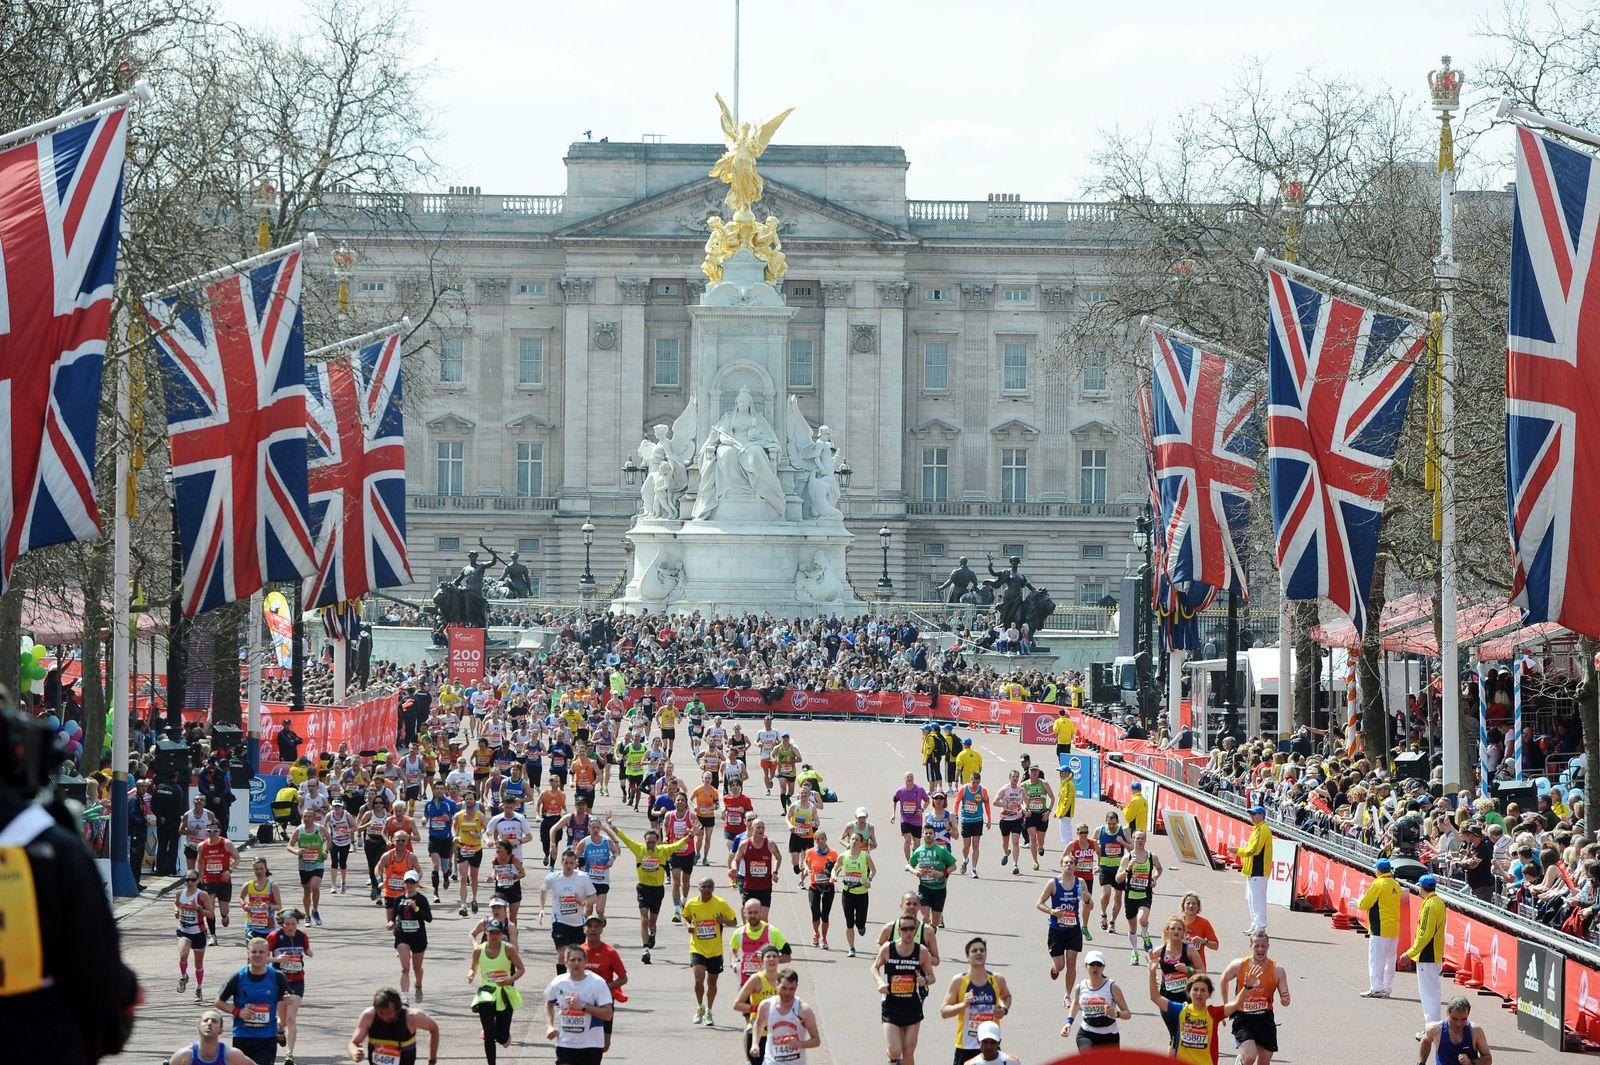 NICHT MEHR VERWENDEN! - EINMALIGE VERWENDUNG Monatsvorschau / April / London Marathon